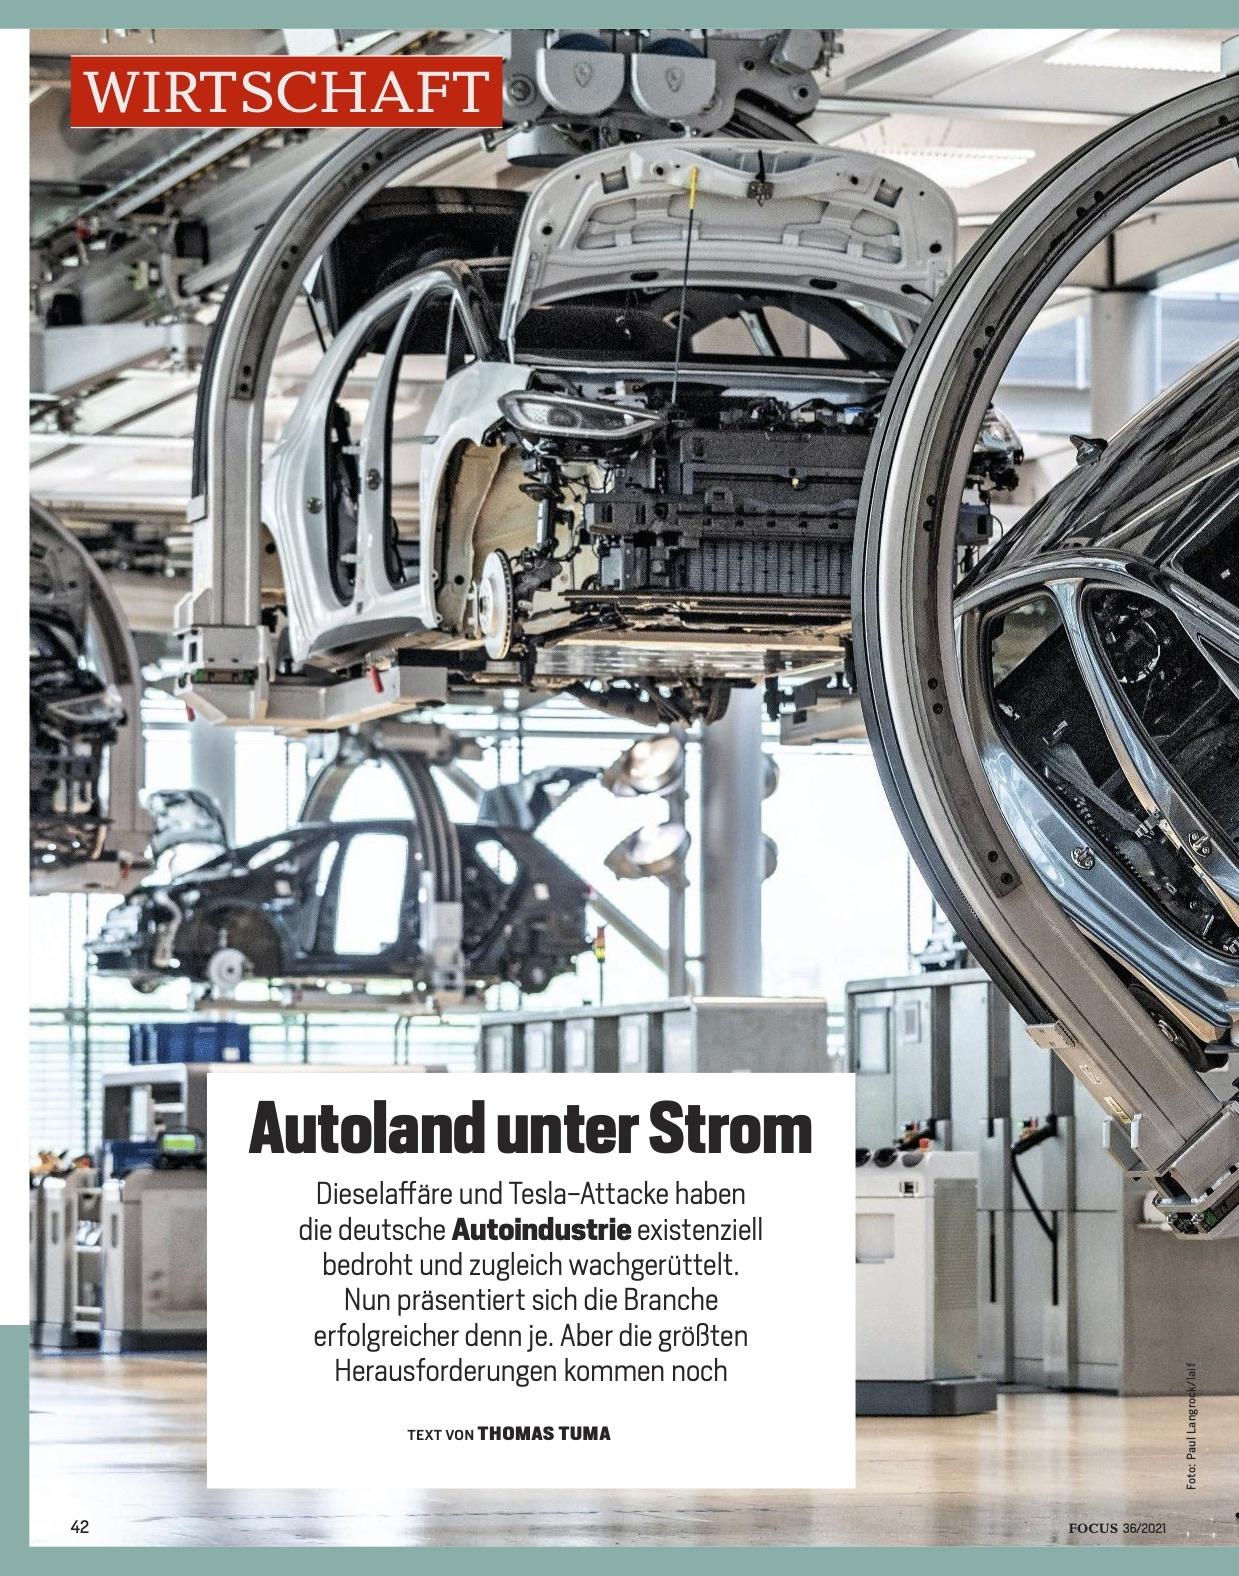 FOCUS Magazin FOCUS Magazin - Autoland unter Strom